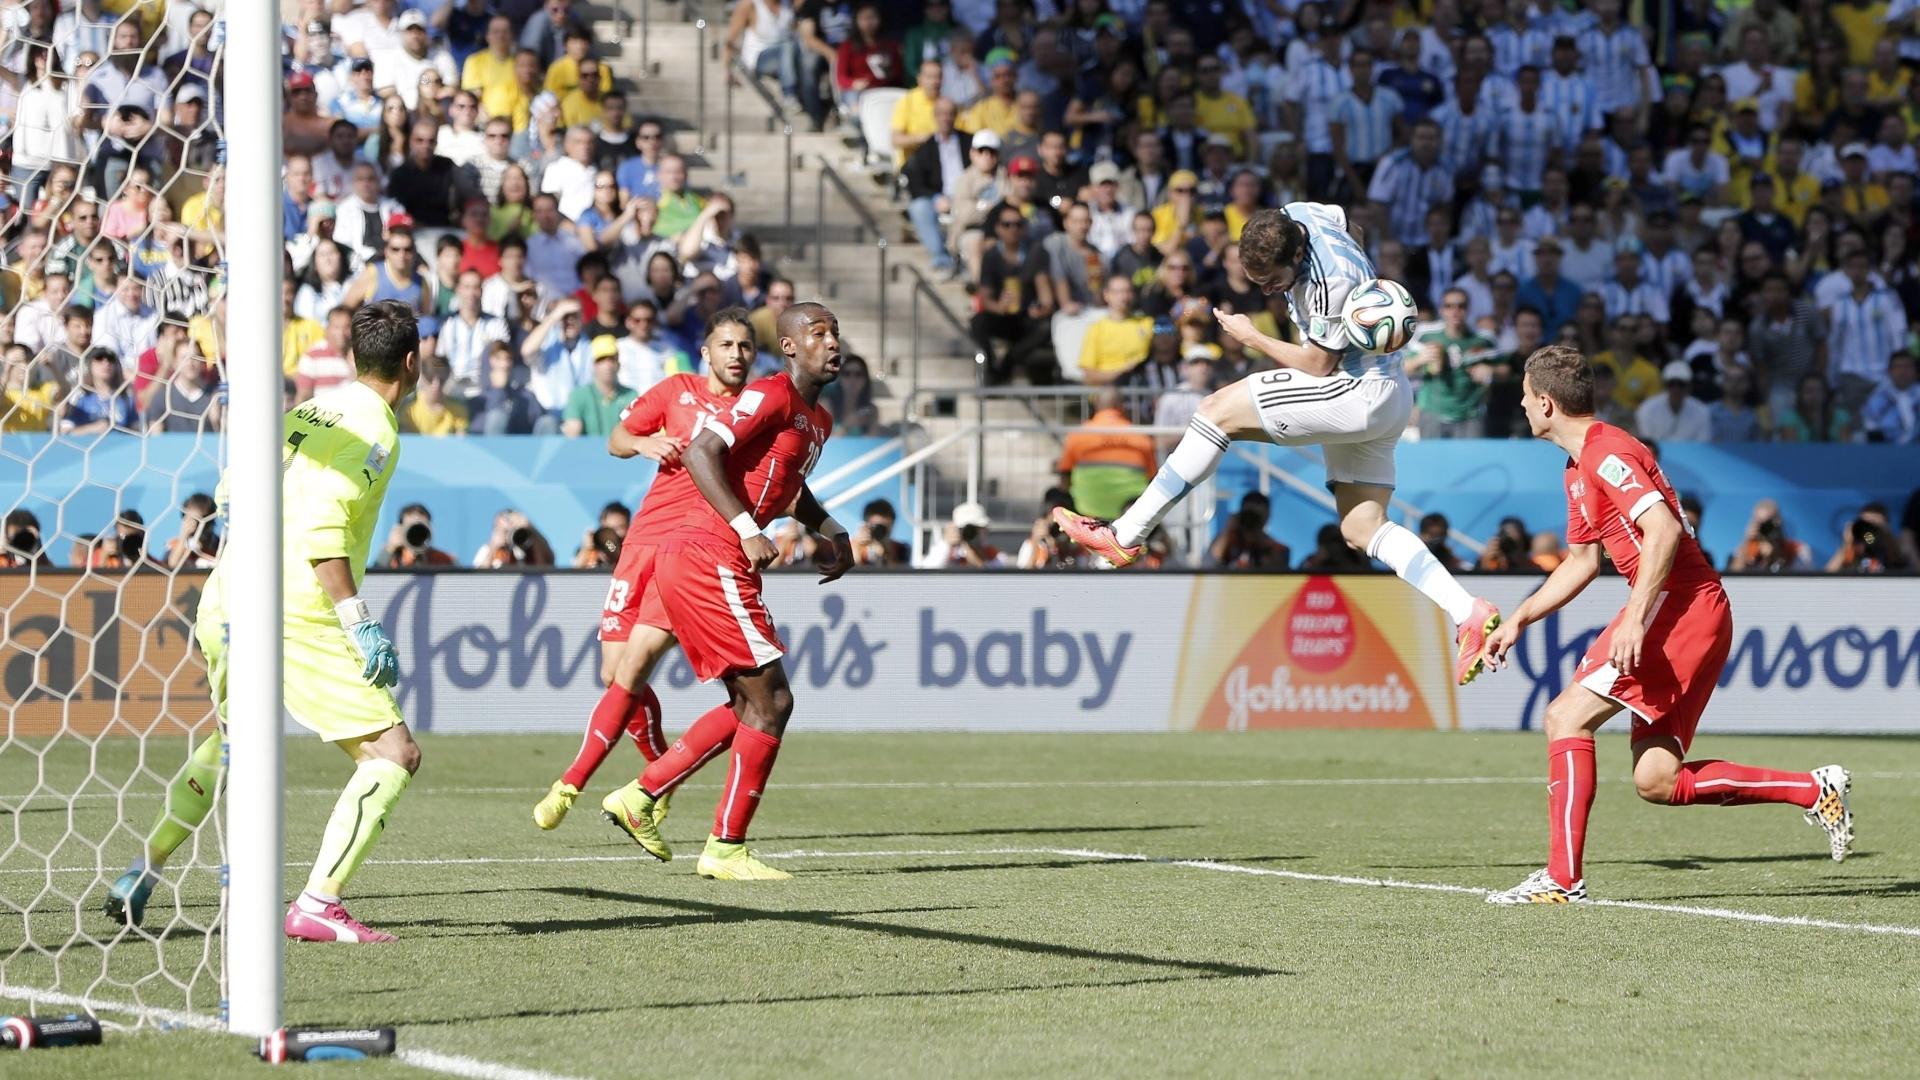 01.jul.2014 - Higuain tenta de cabeça, mas não consegue marcar contra a Suíça. A partida no Itaquerão foi para a prorrogação